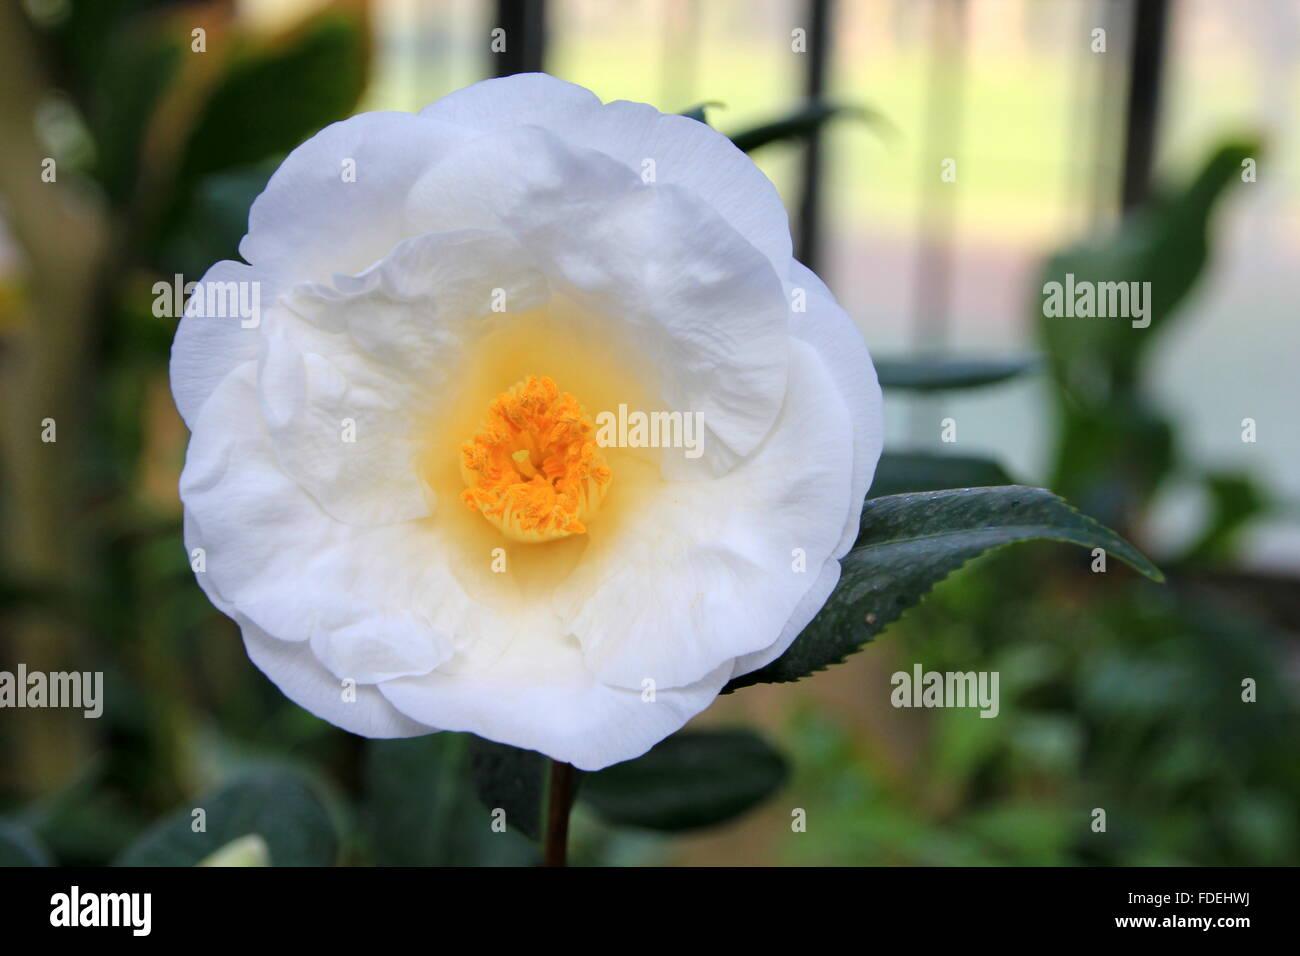 Bella bianca camelia fiore in giardino Immagini Stock